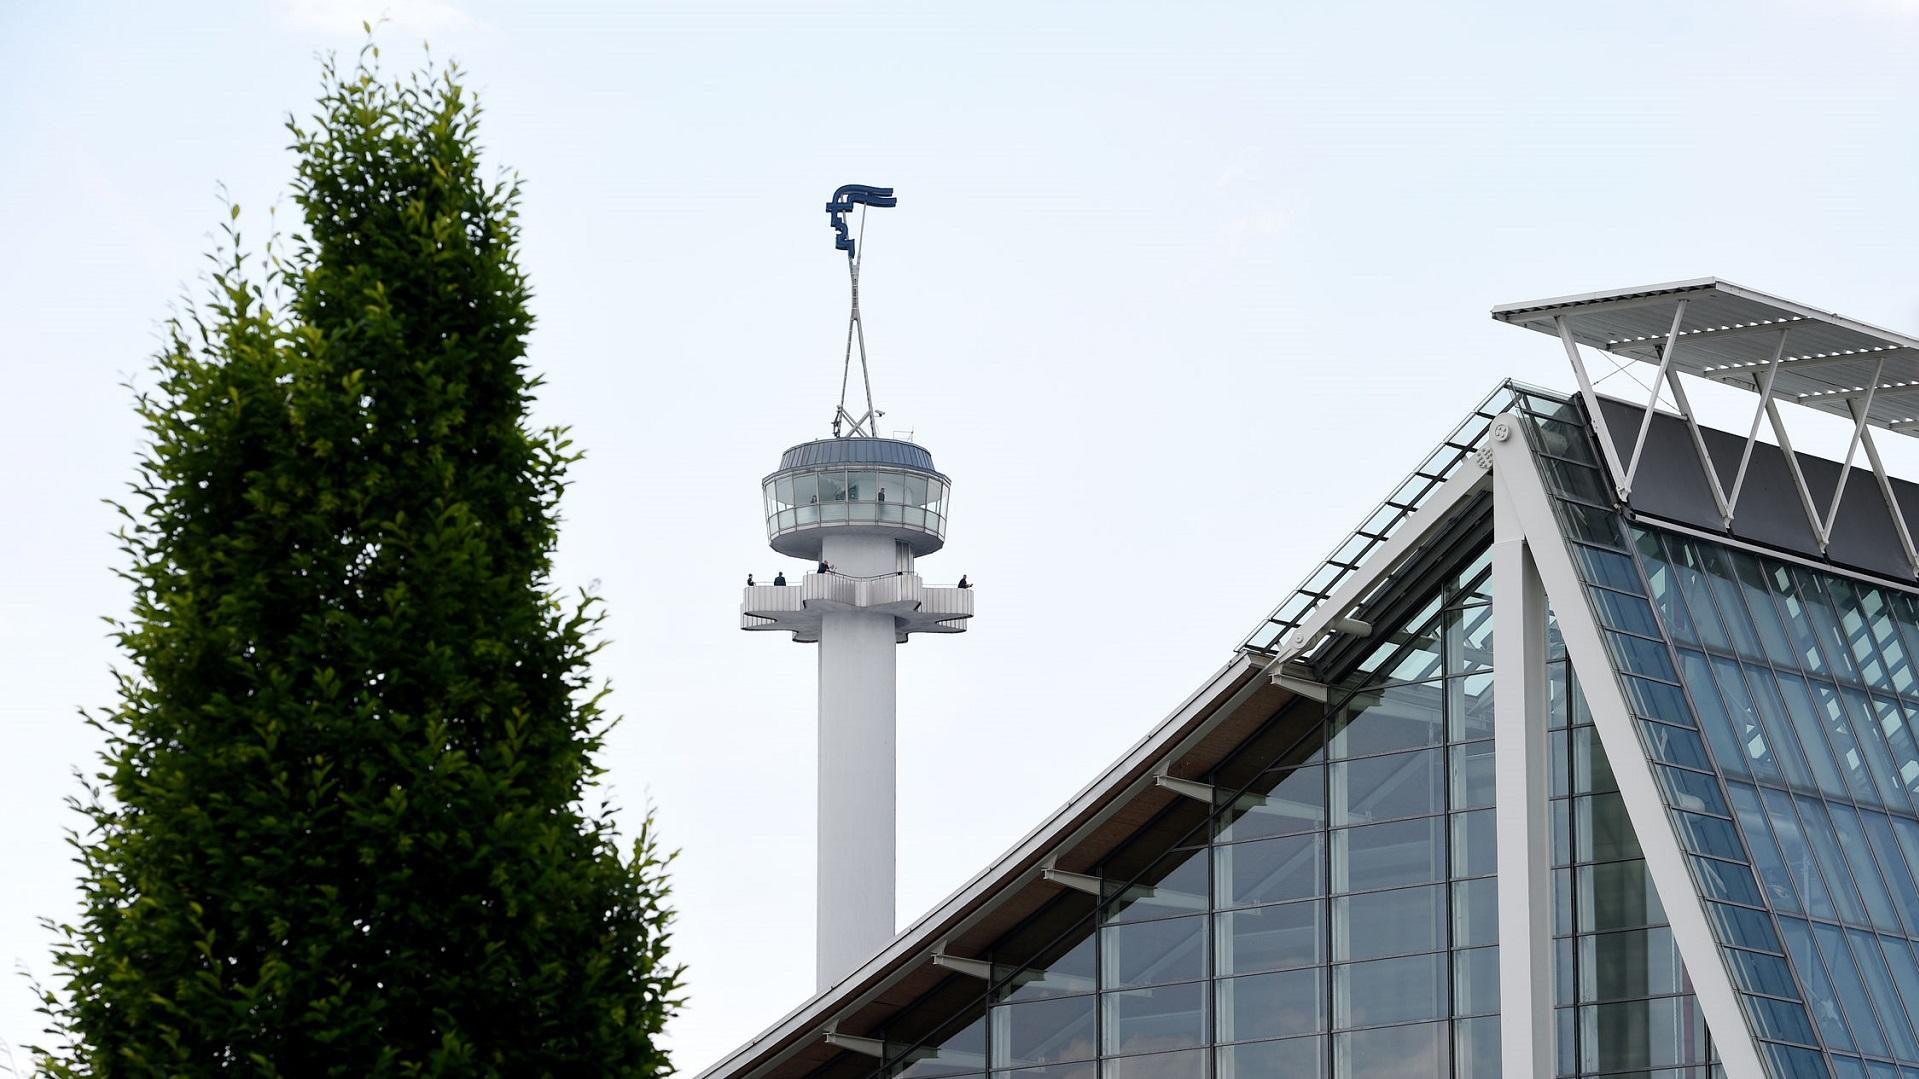 Hermesturm auf der Messe Hannover. Credits: Deutsche Messe